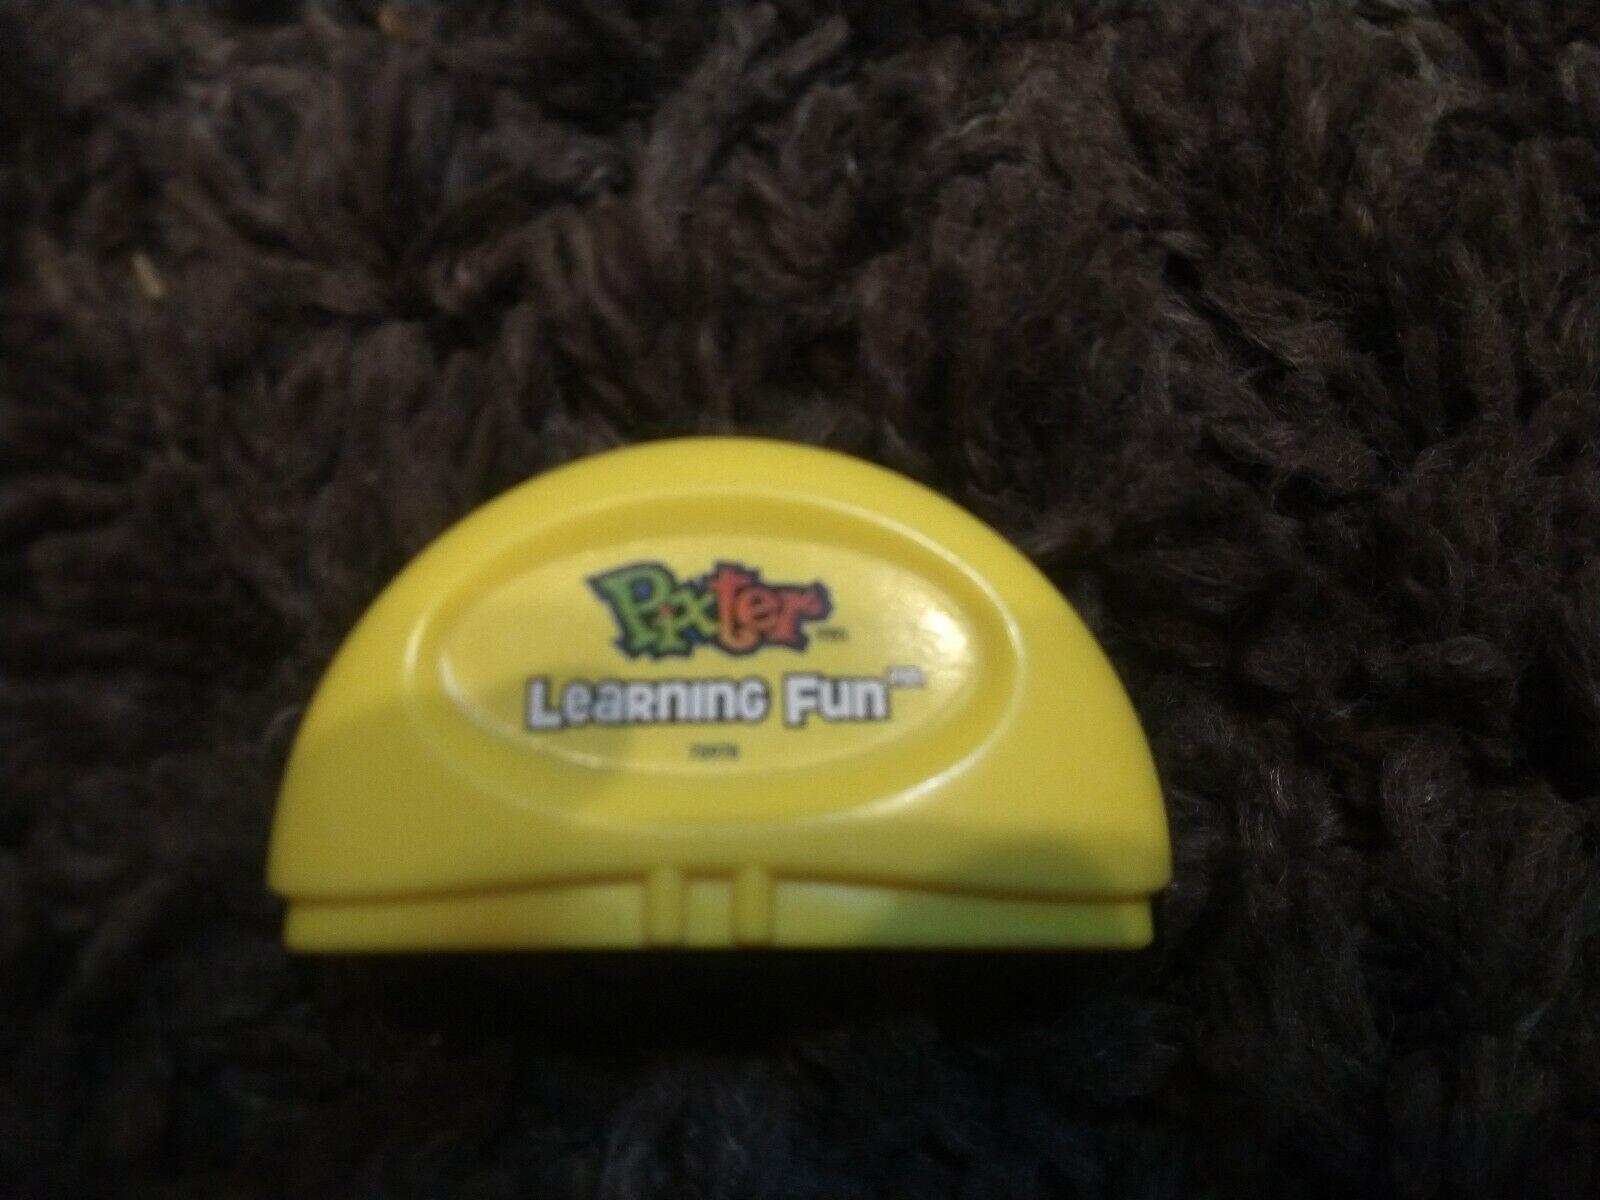 Pixter Learning Fun Cartridge 73978 Yellow 2001 Mattel